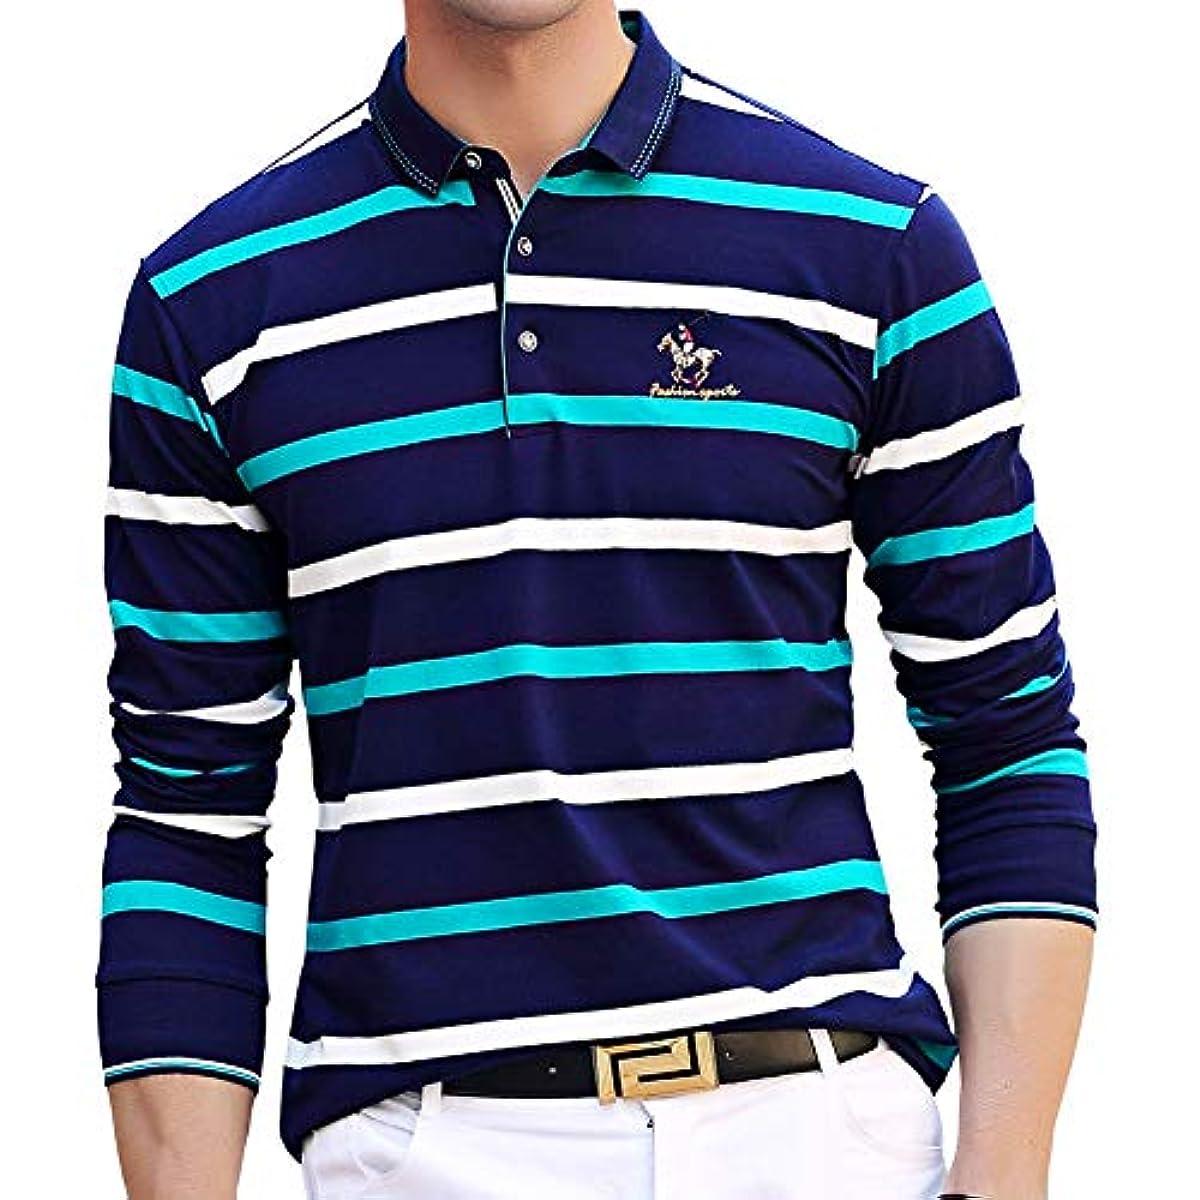 [해외] 폴로 셔츠 긴 소매 맨즈 골프 웨어 보더 스포츠 폴로 셔츠 면 비지니스 골프 셔츠 남성 스트라이프 자수 추동춘